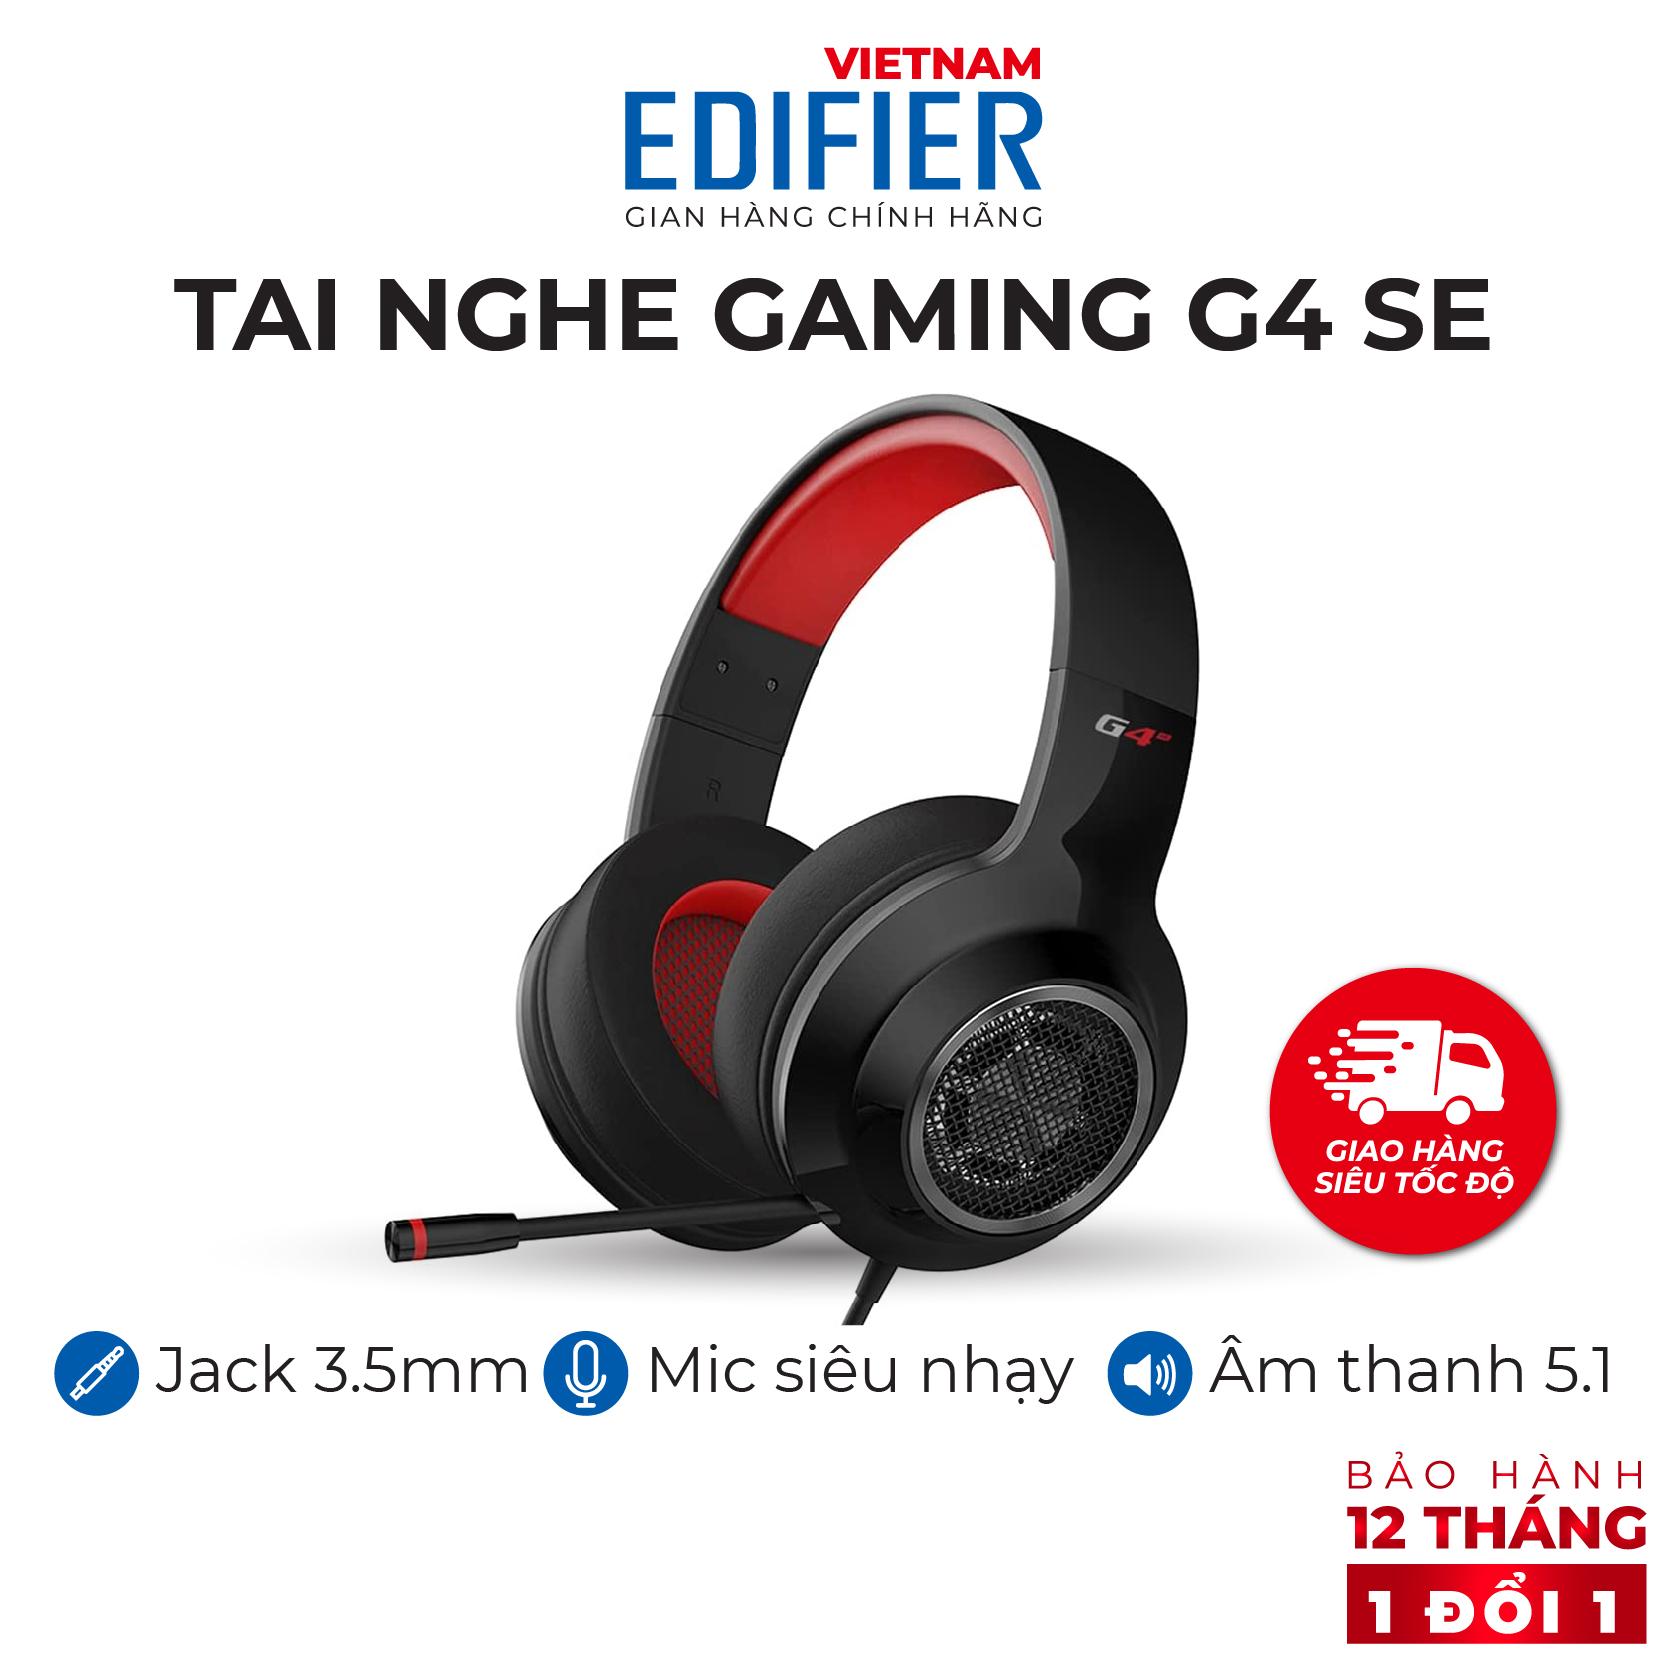 Tai nghe gaming âm thanh 5.1 EDIFIER G4 SE Kèm Mic đàm thoại Khử tiếng ồn - Hàng chính hãng Bảo hành 12 tháng 1 đổi 1